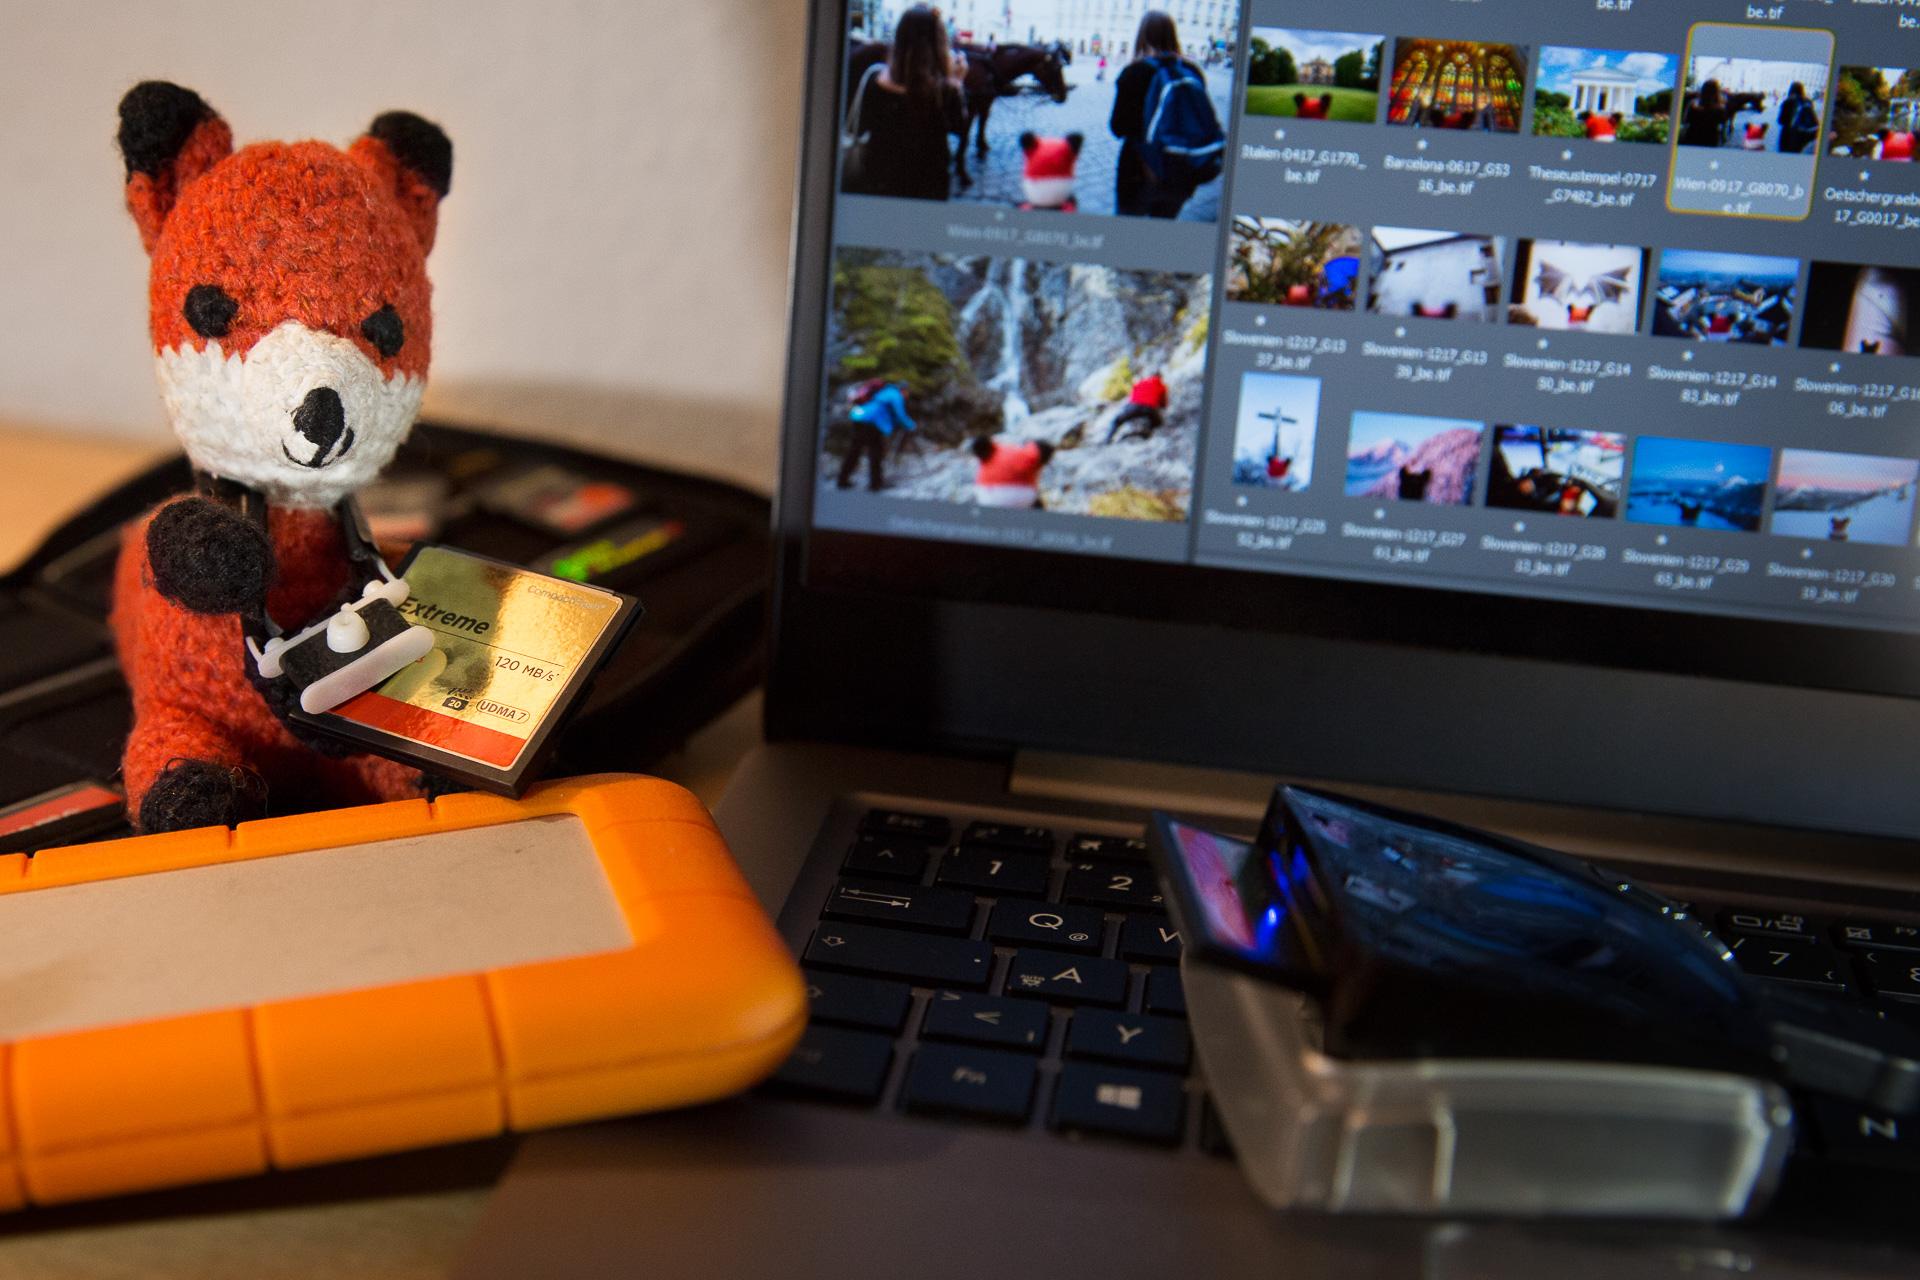 Fotoreisen & Fotokurse 2020. Bei unseren Tageskursen zum Thema Postproduktion lernst du im Modul 1 die Datensicherung und im Modul 2 die Fotobearbeitung.